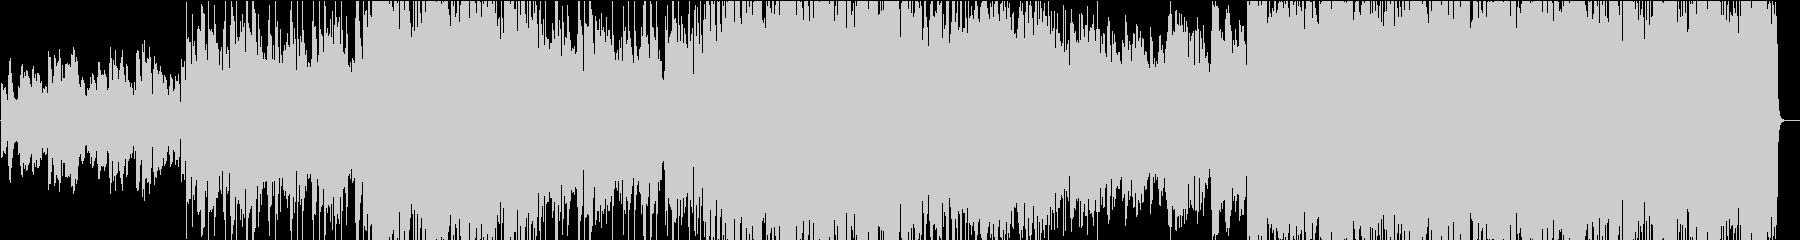 男性ボーカルのミッドテンポオルタナ...の未再生の波形